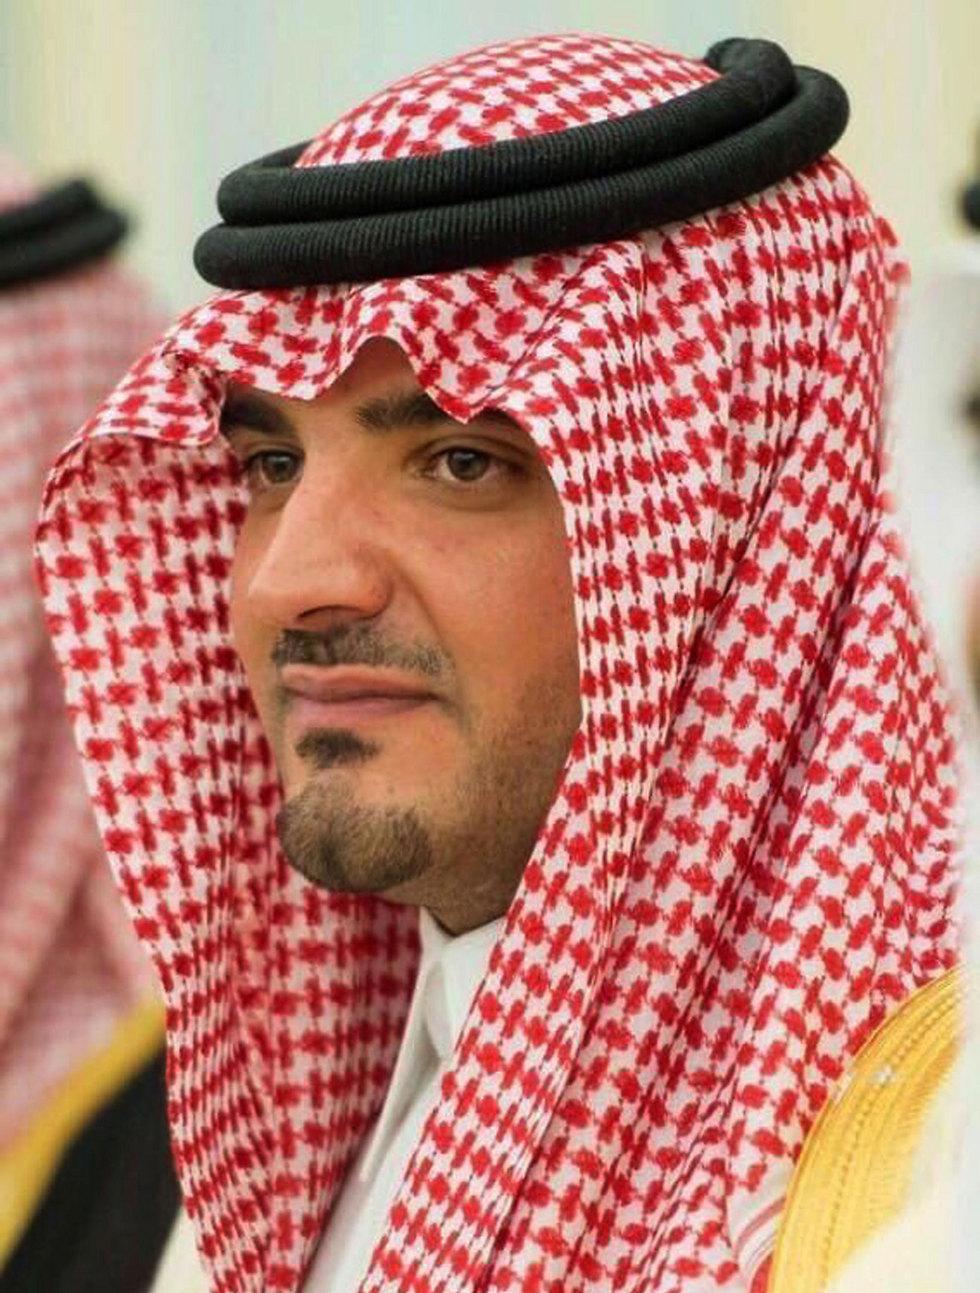 שר הפנים הנכנס, עבד אל-עזיז בן-סעוד (צילום: AP) (צילום: AP)